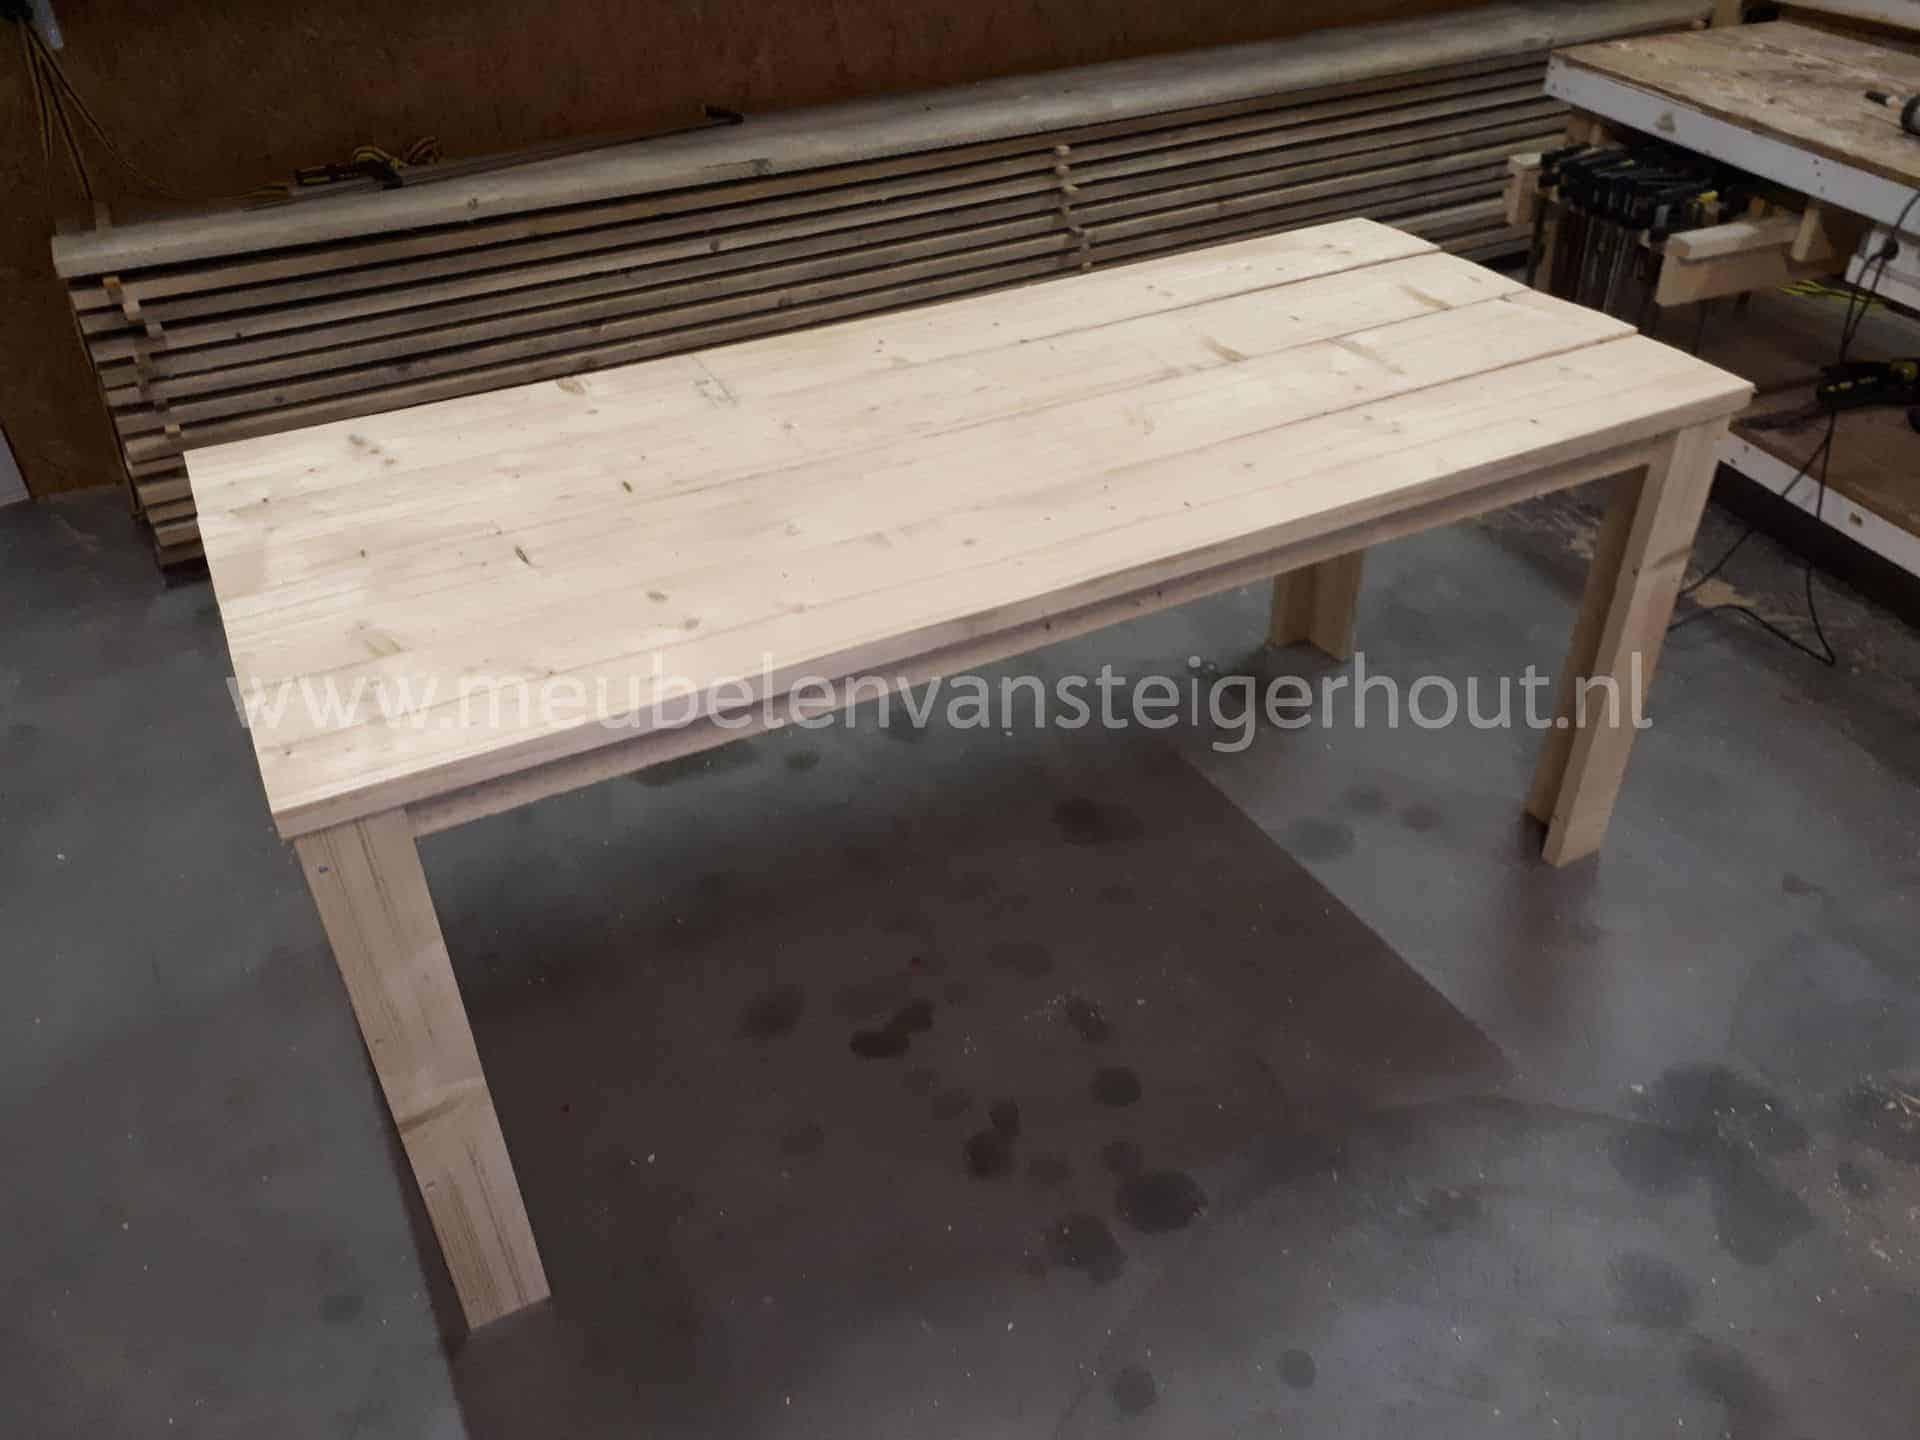 Zelf Tafel Maken : Doe het zelf tafel cm breed meubelen van steigerhout